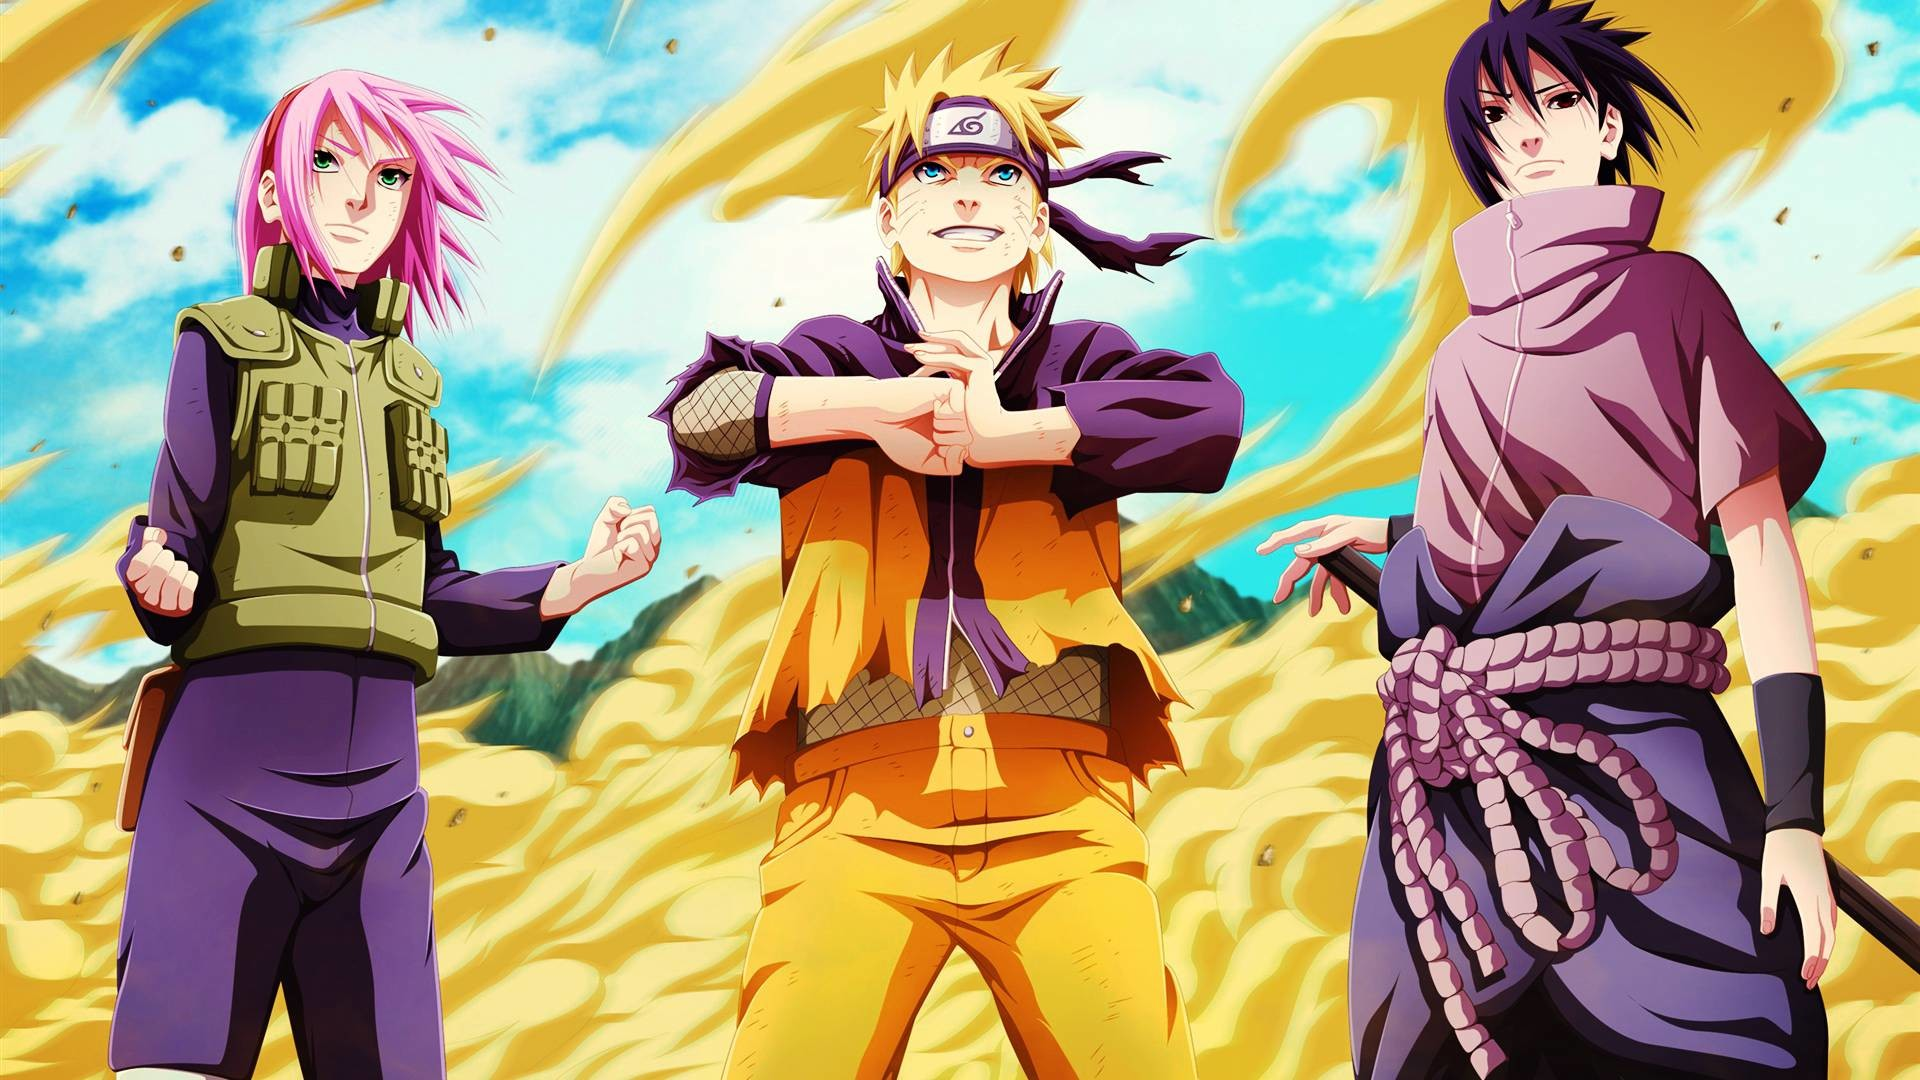 Naruto Sakura Sasuke Team 7 Wallpaper HD #9330 Wallpaper | High .